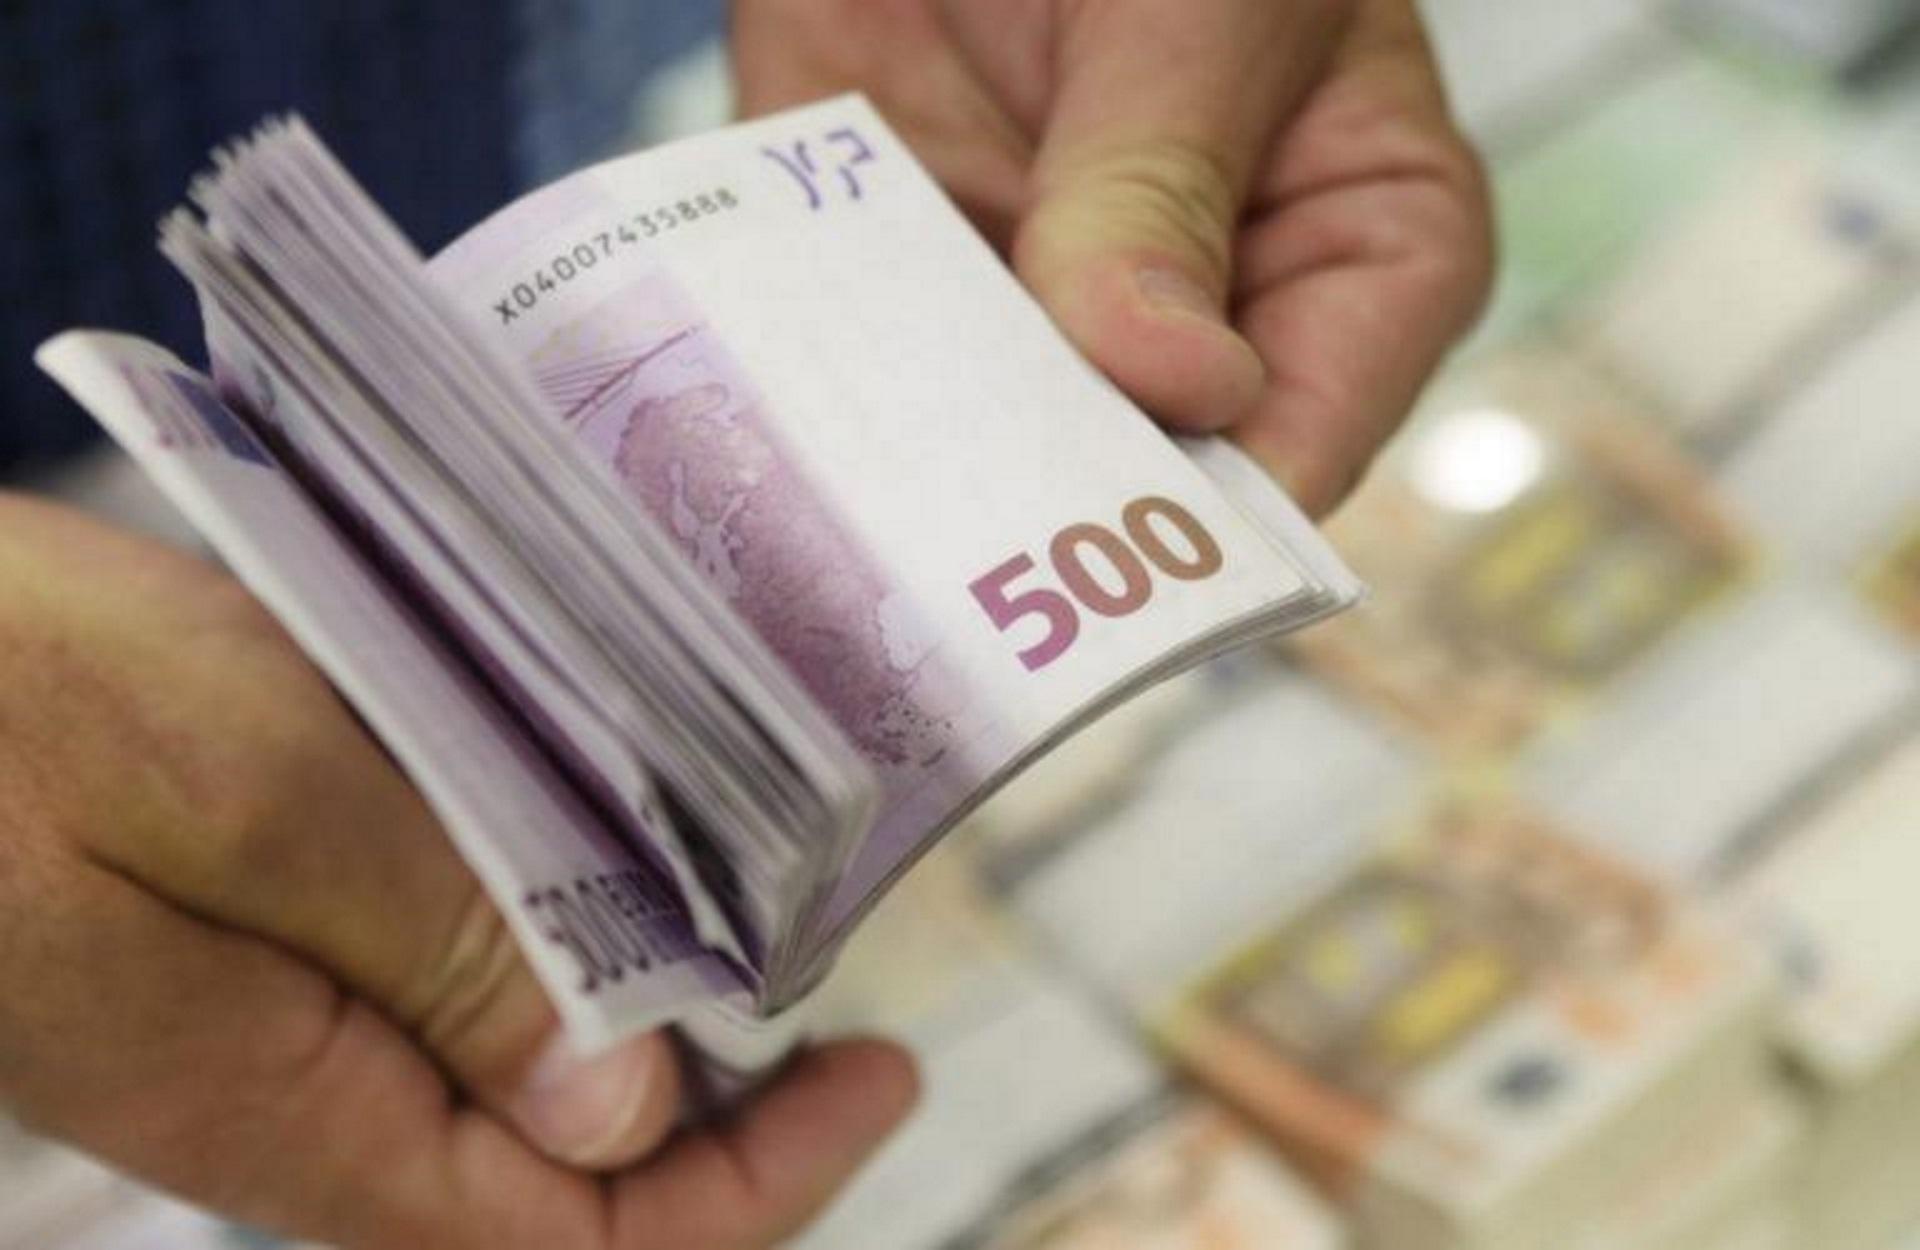 Φορολοταρία: Έγινε η κλήρωση – Δείτε αν κερδίσατε το… χιλιάρικο!